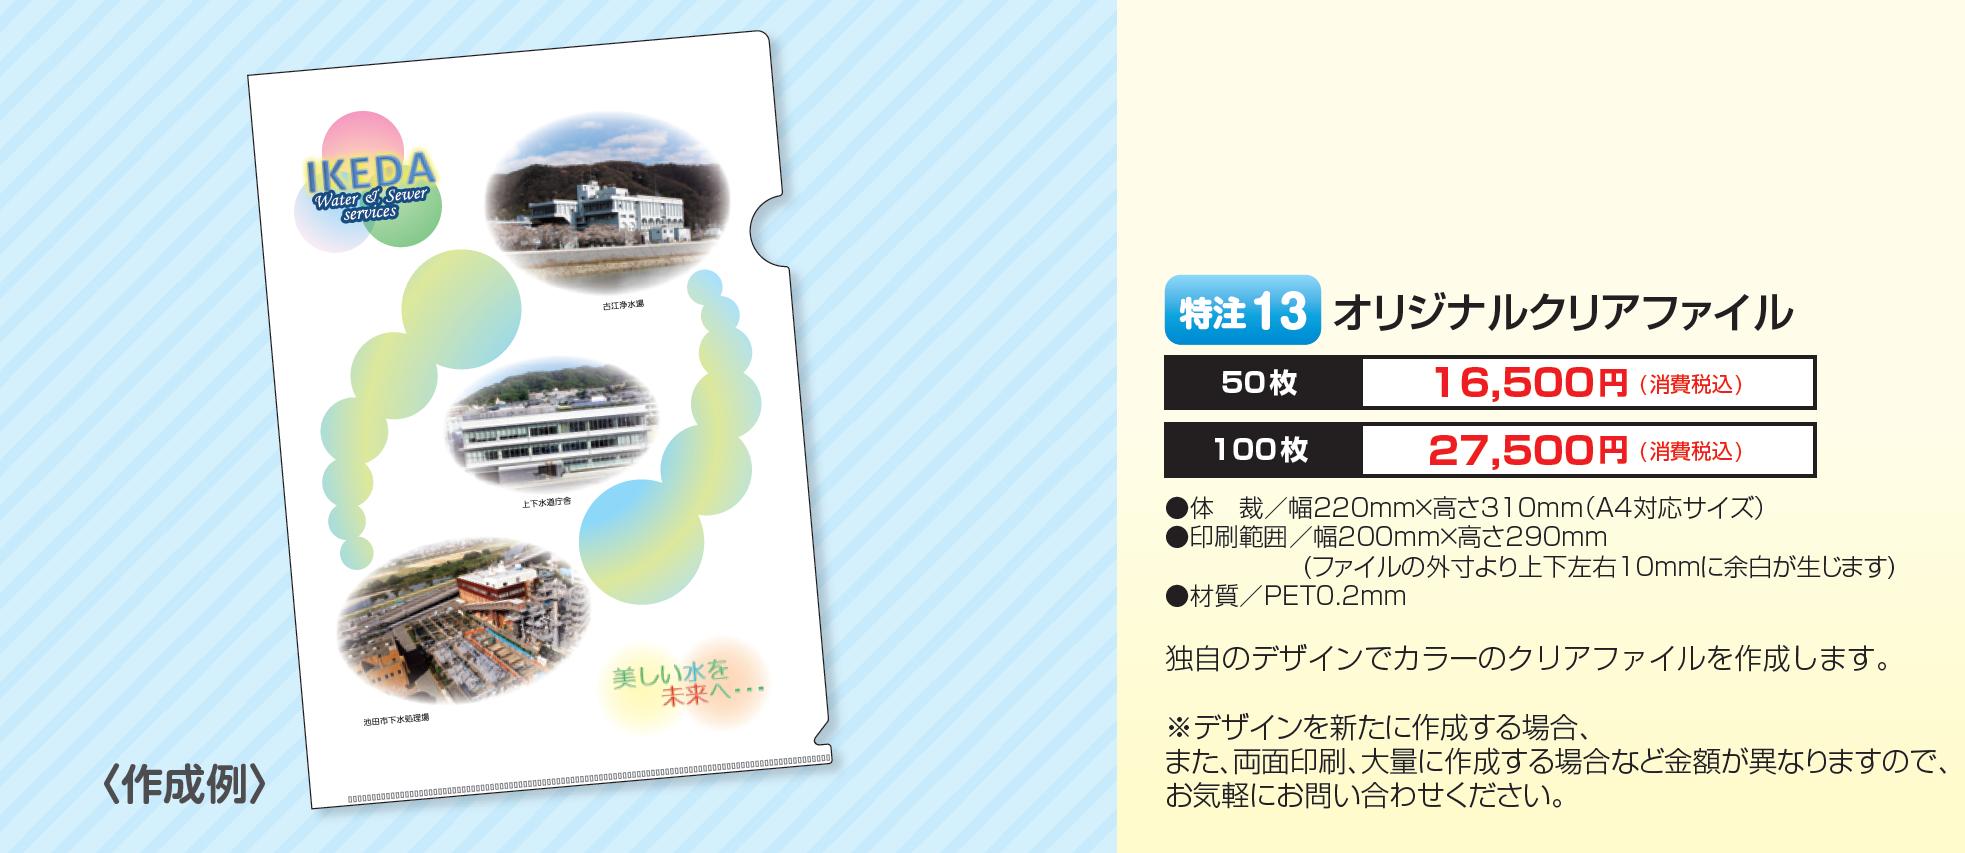 【製品No.特注13】オリジナルクリアファイル